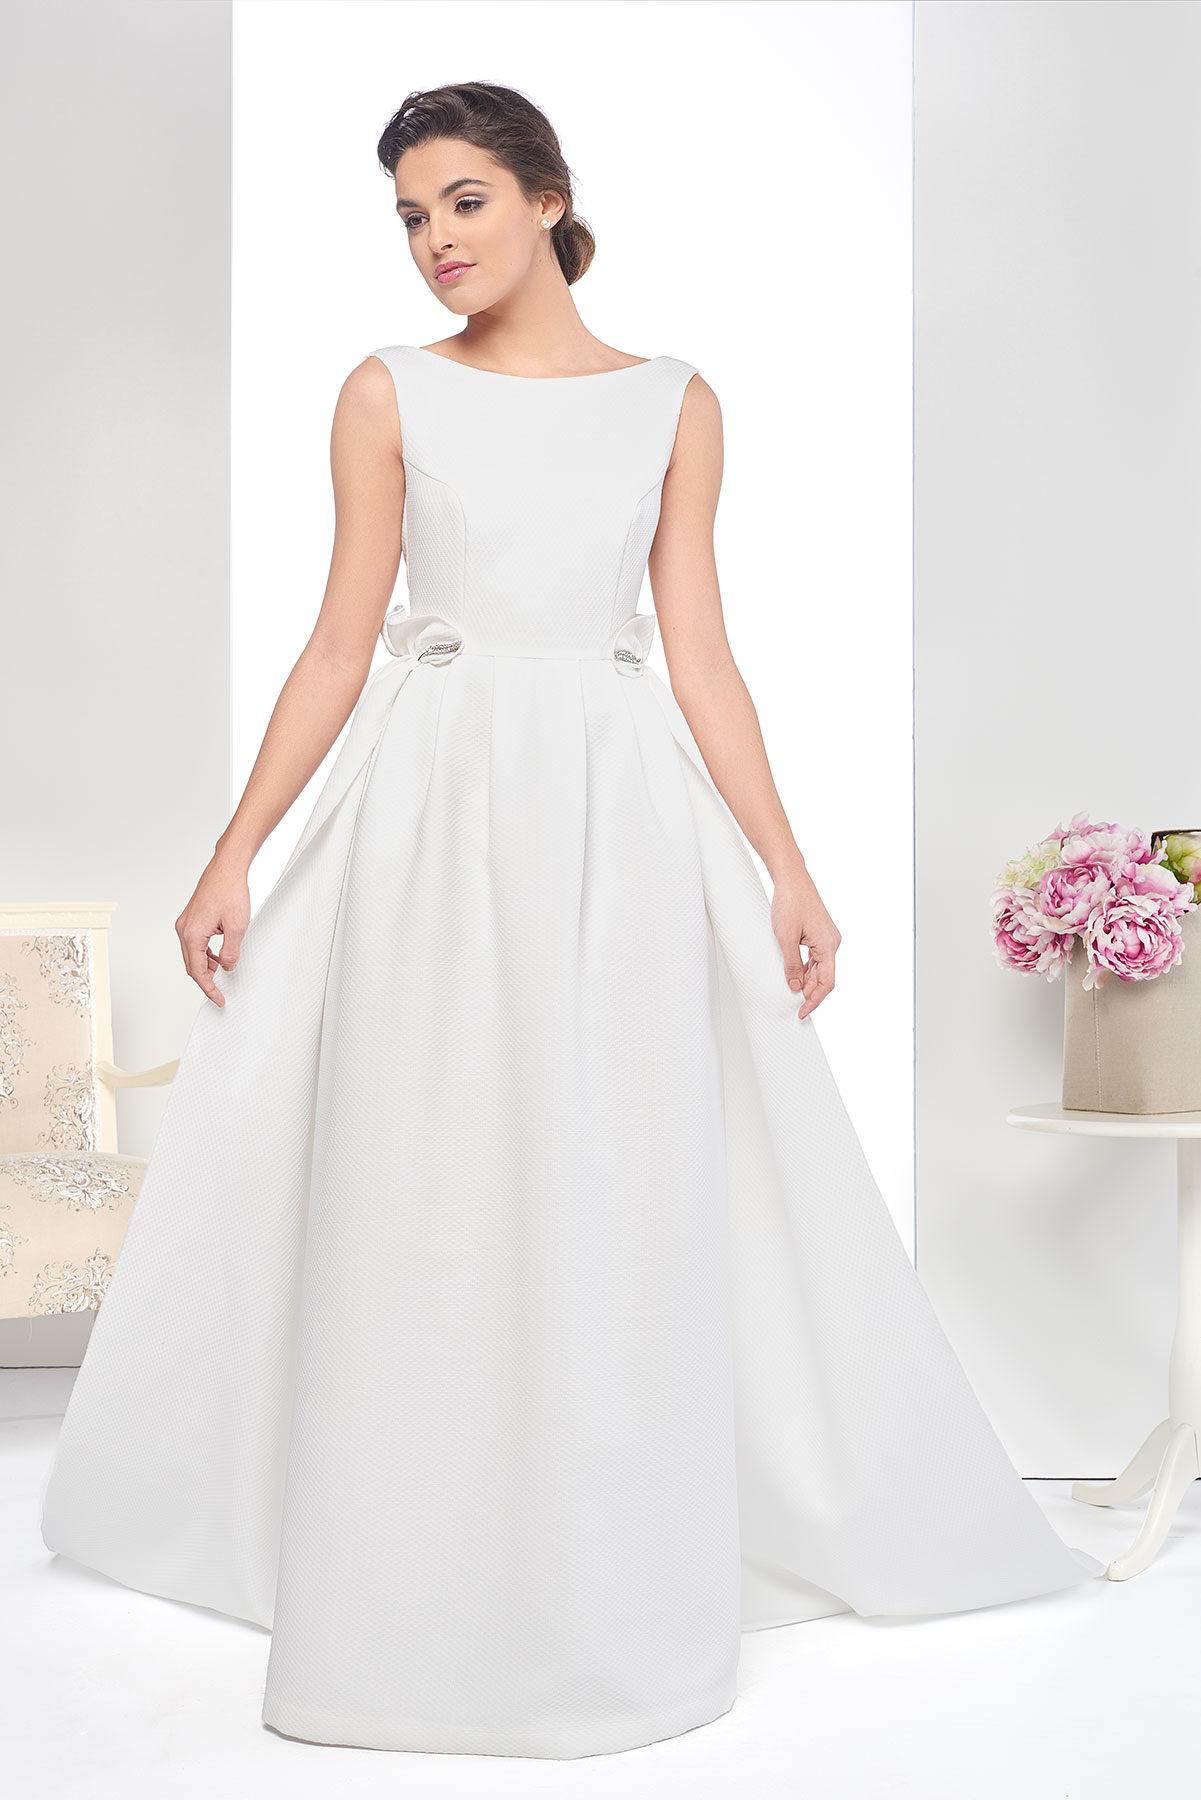 Vestido de novia lowcost con tirantes y escote en la espalda